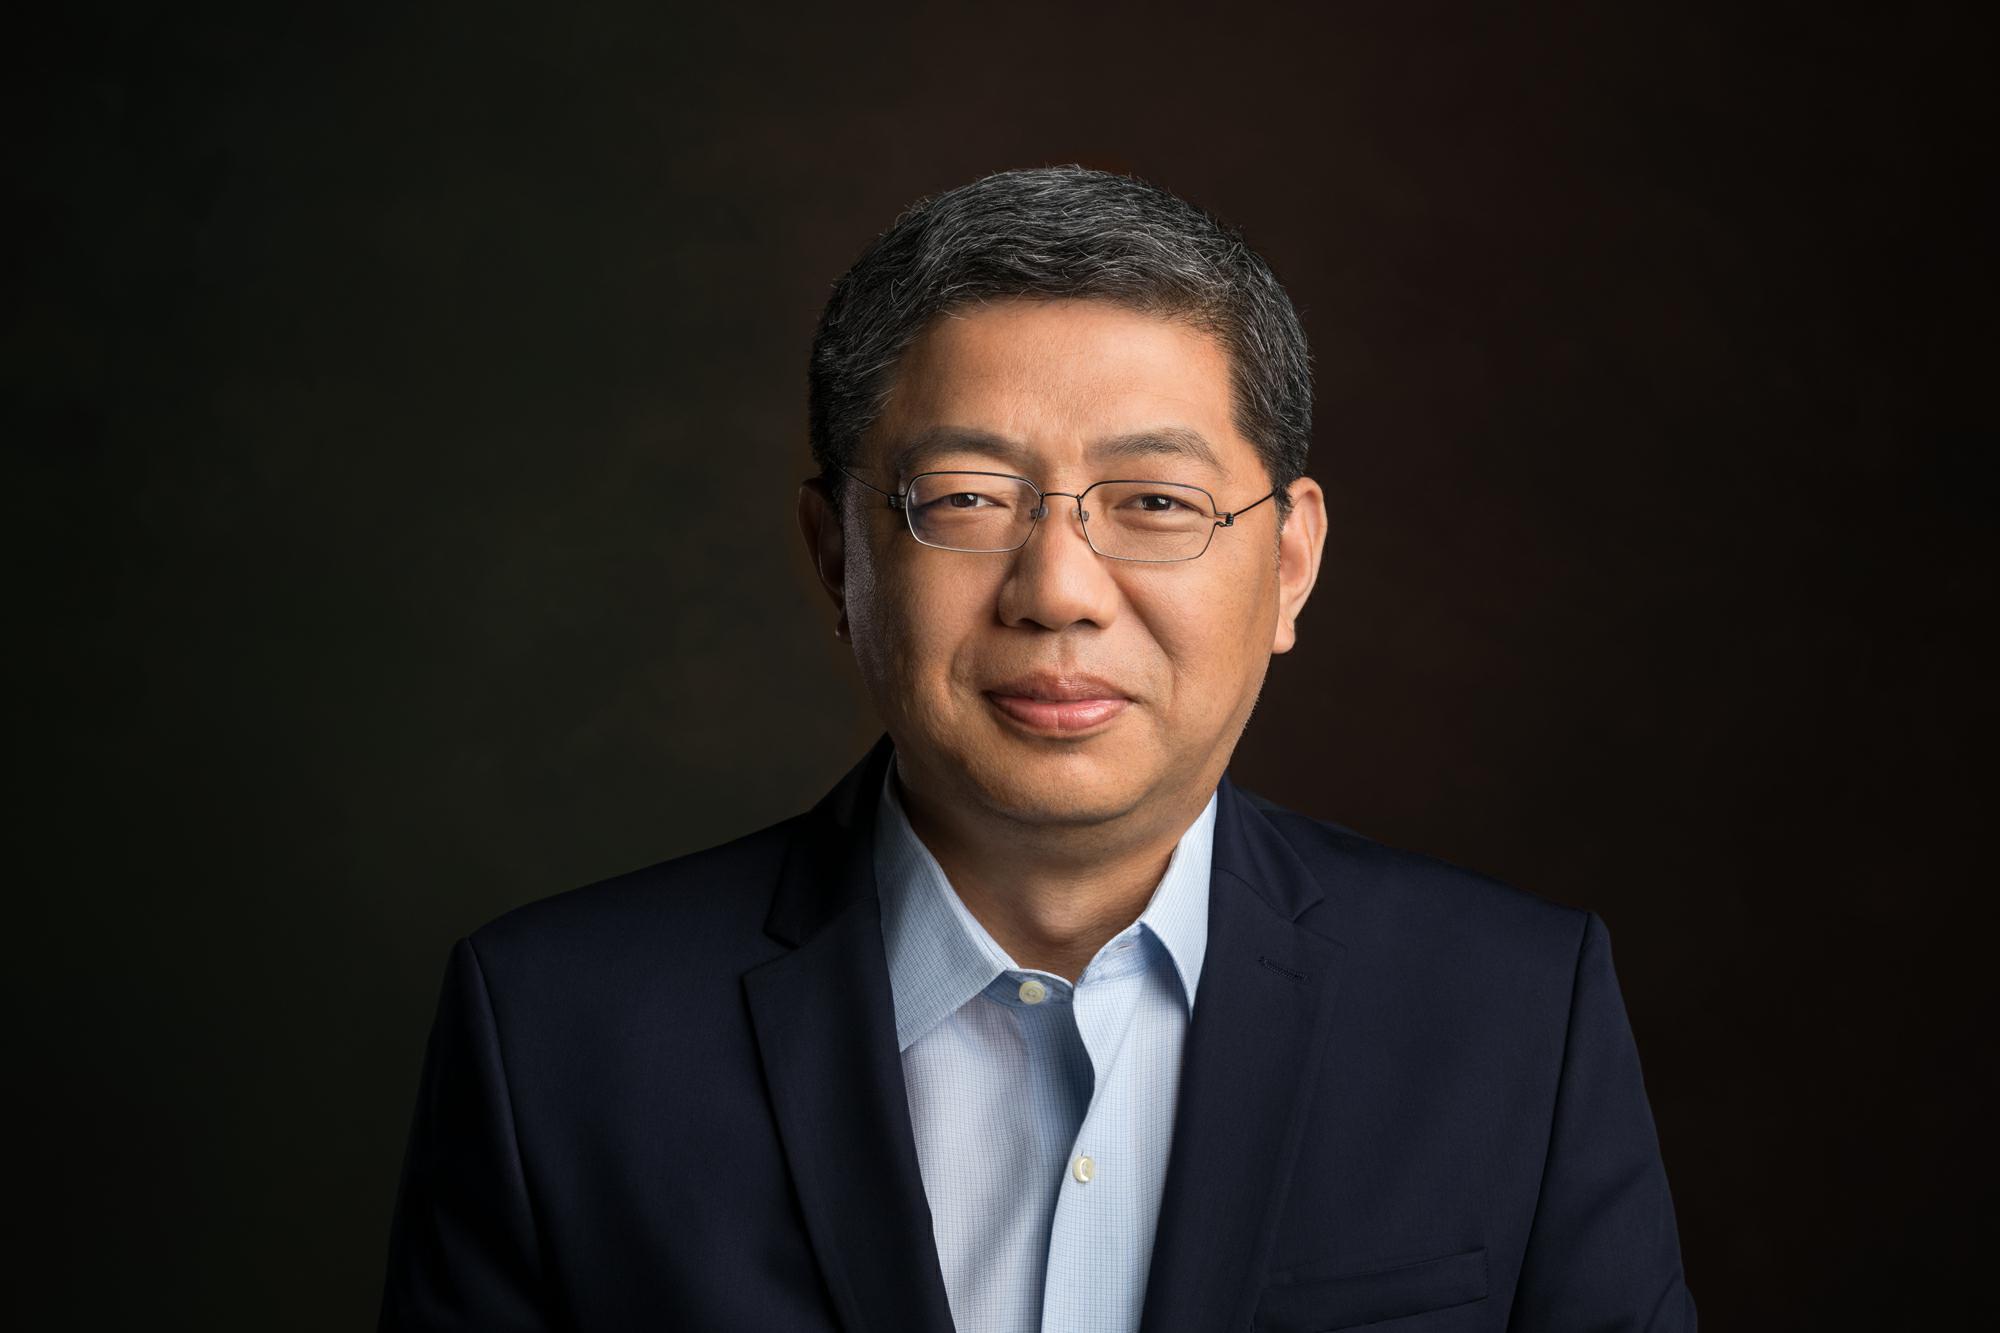 巴曙松:新经济的发展需要融资环境新支持